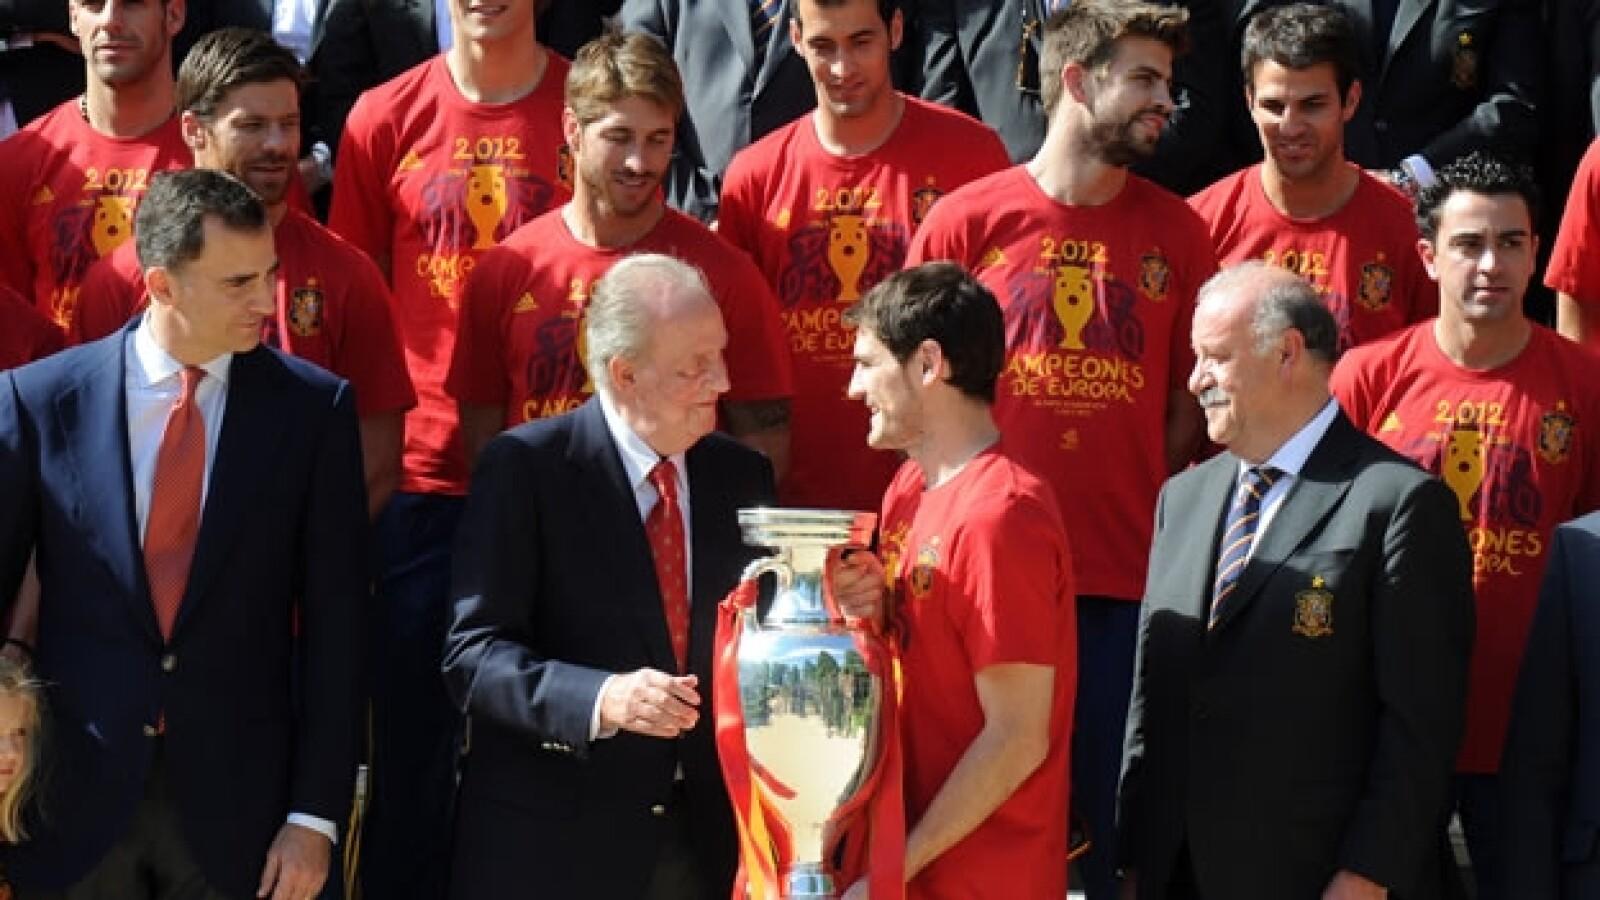 La selección española visita al rey Juan Carlos